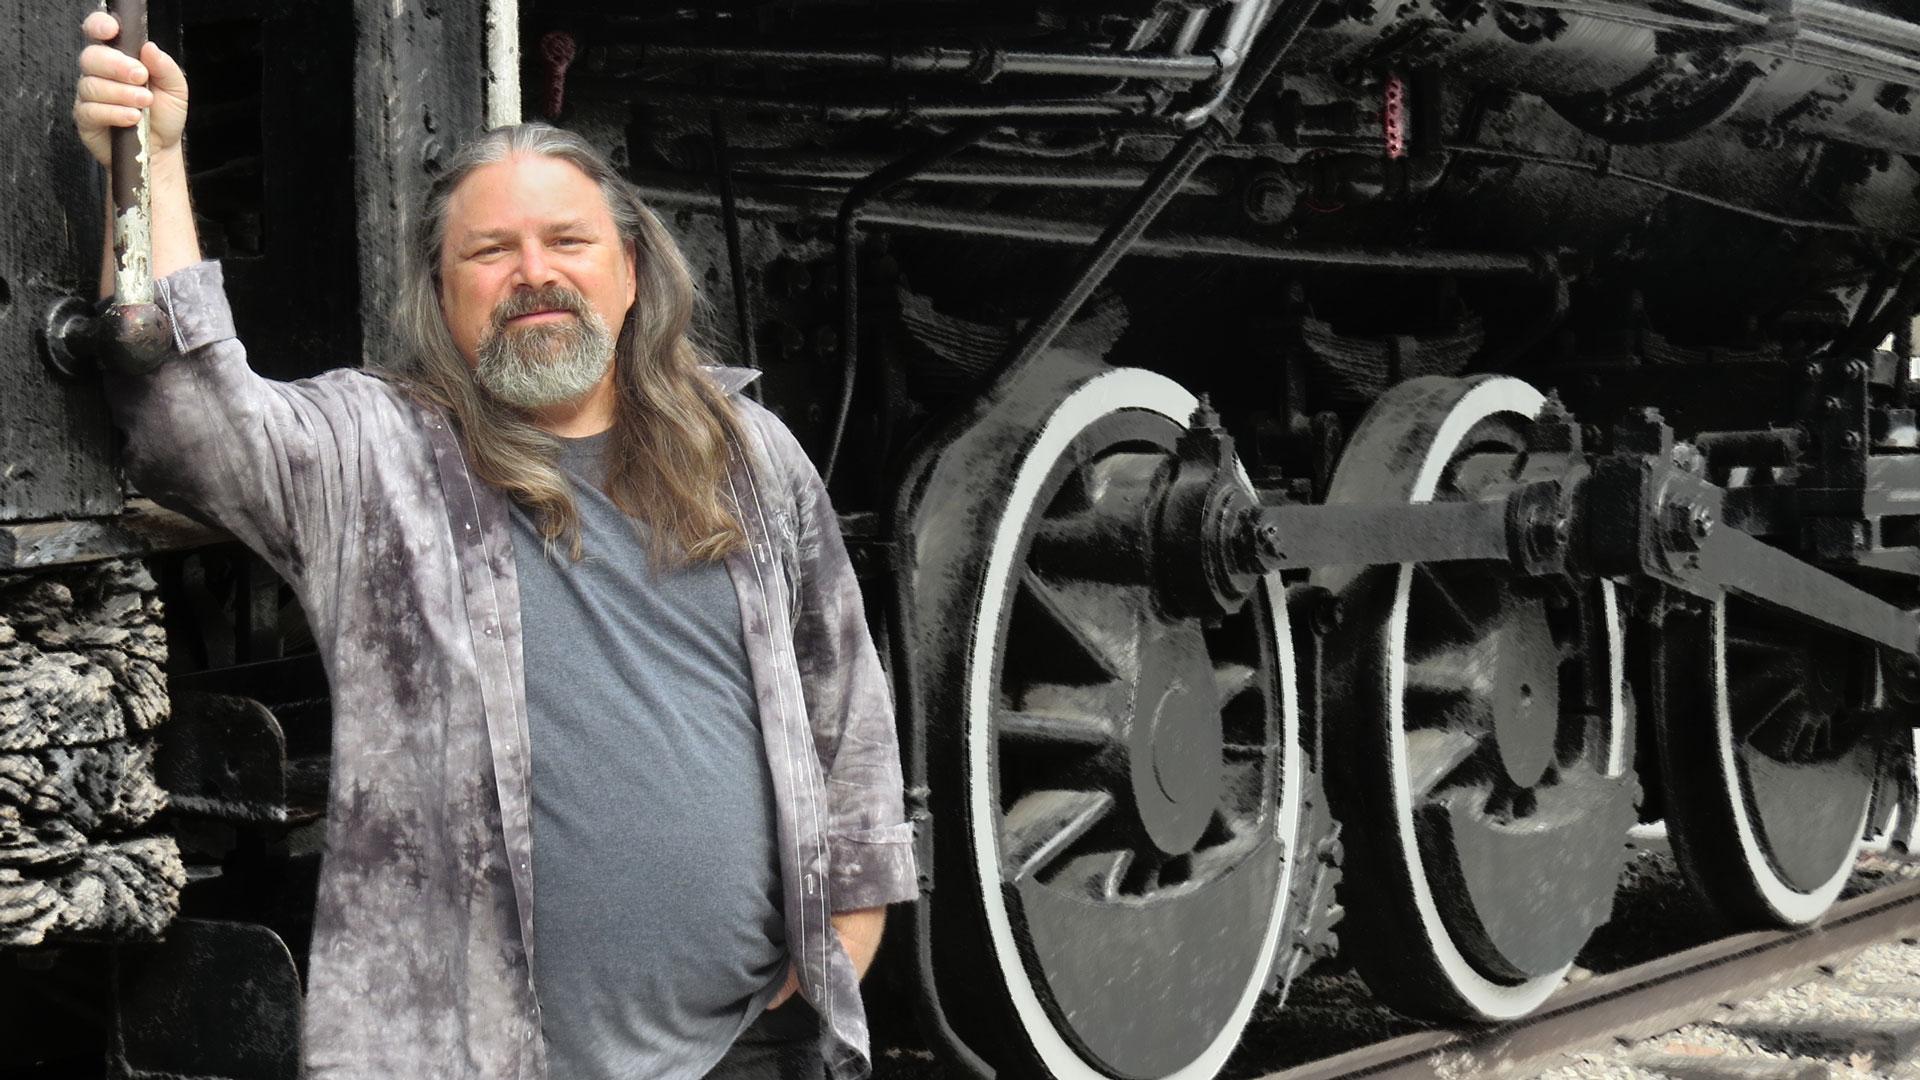 Image: Mark Bentley, locomotive, website main image